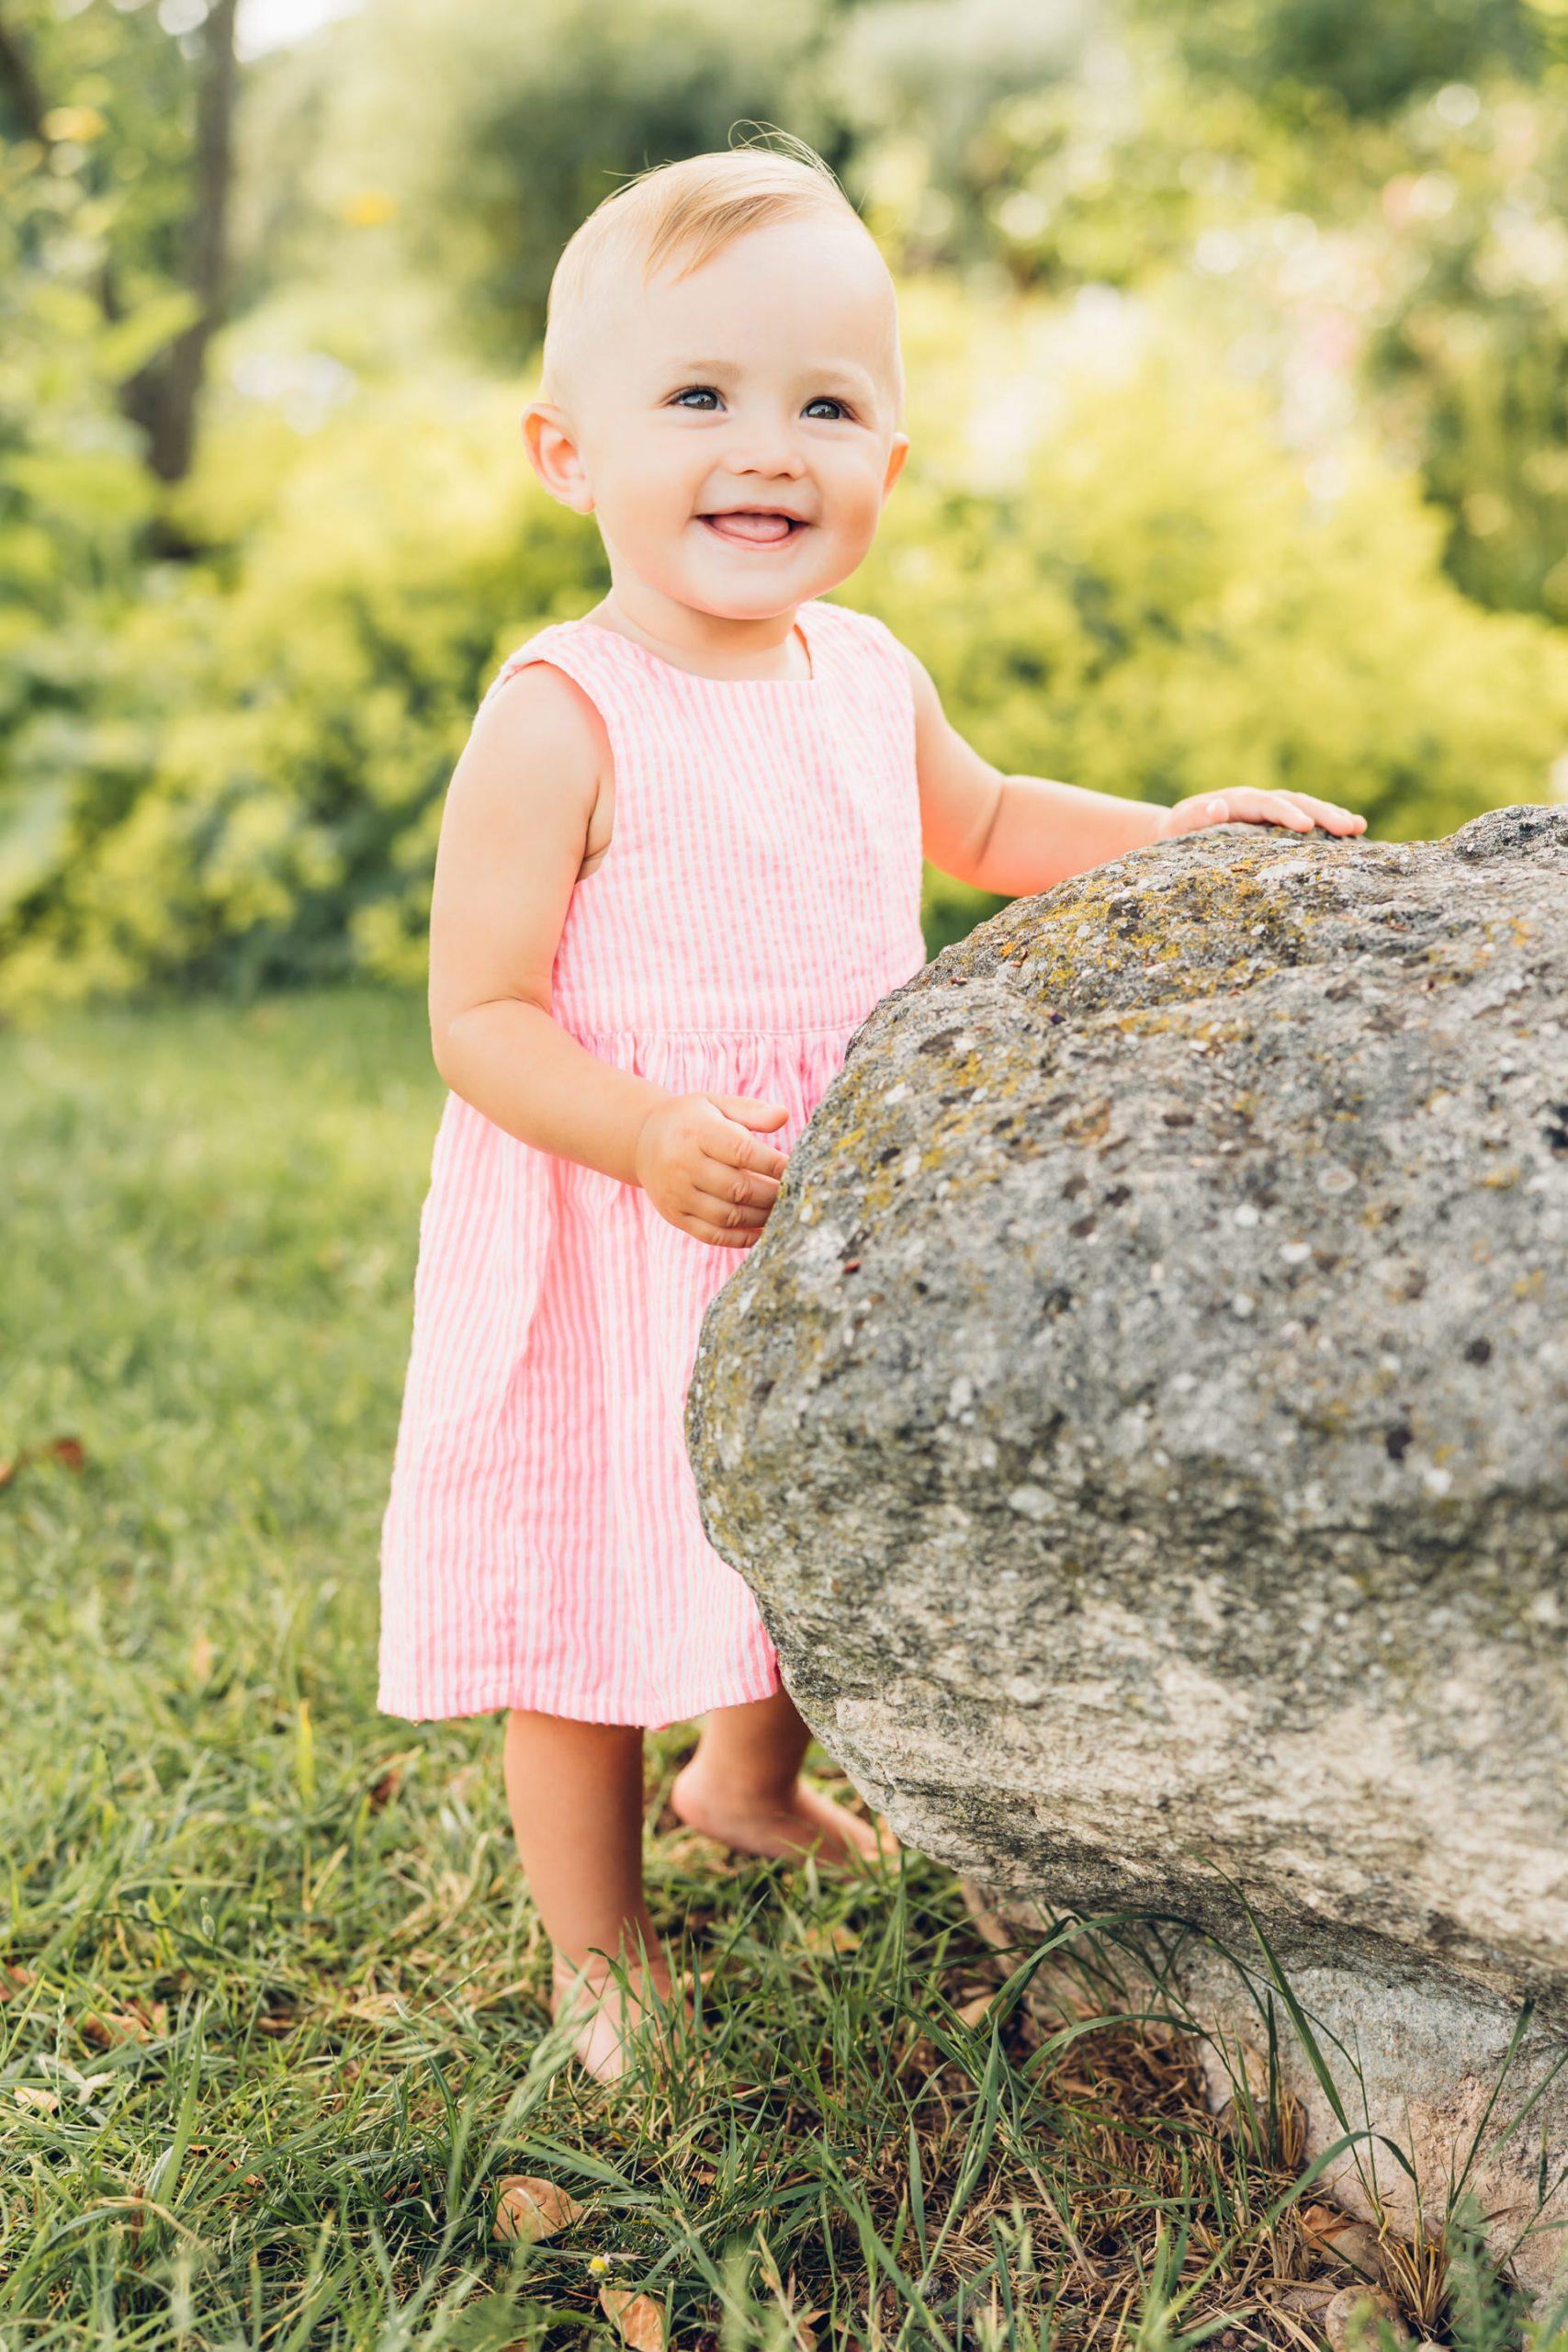 Kinderfotografie, Familienfotograf Mainz, glückliches 1. Jähriges Mädchen in rosa Kleid